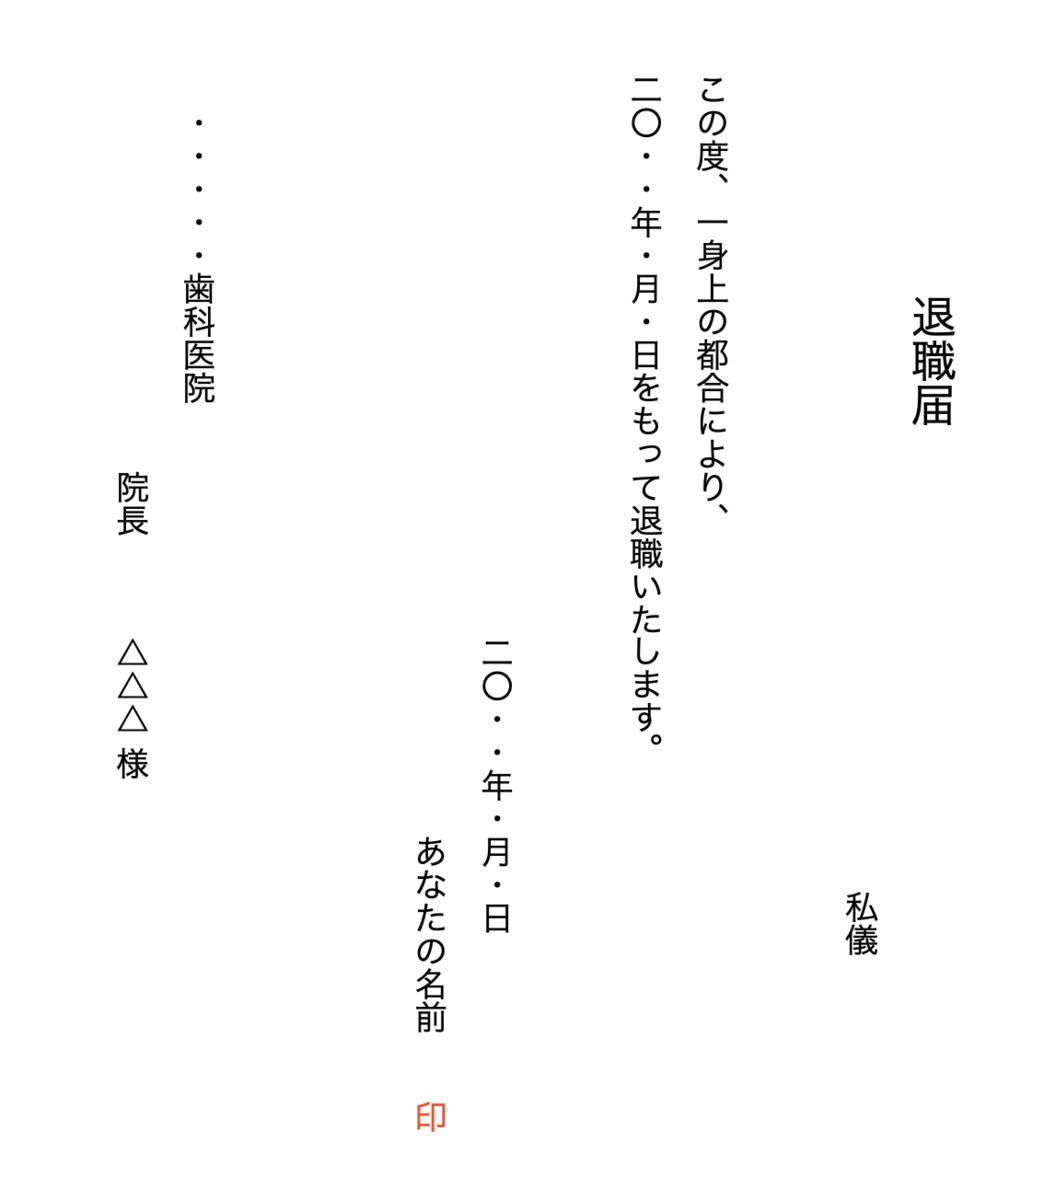 f:id:prandium:20200625231530p:plain